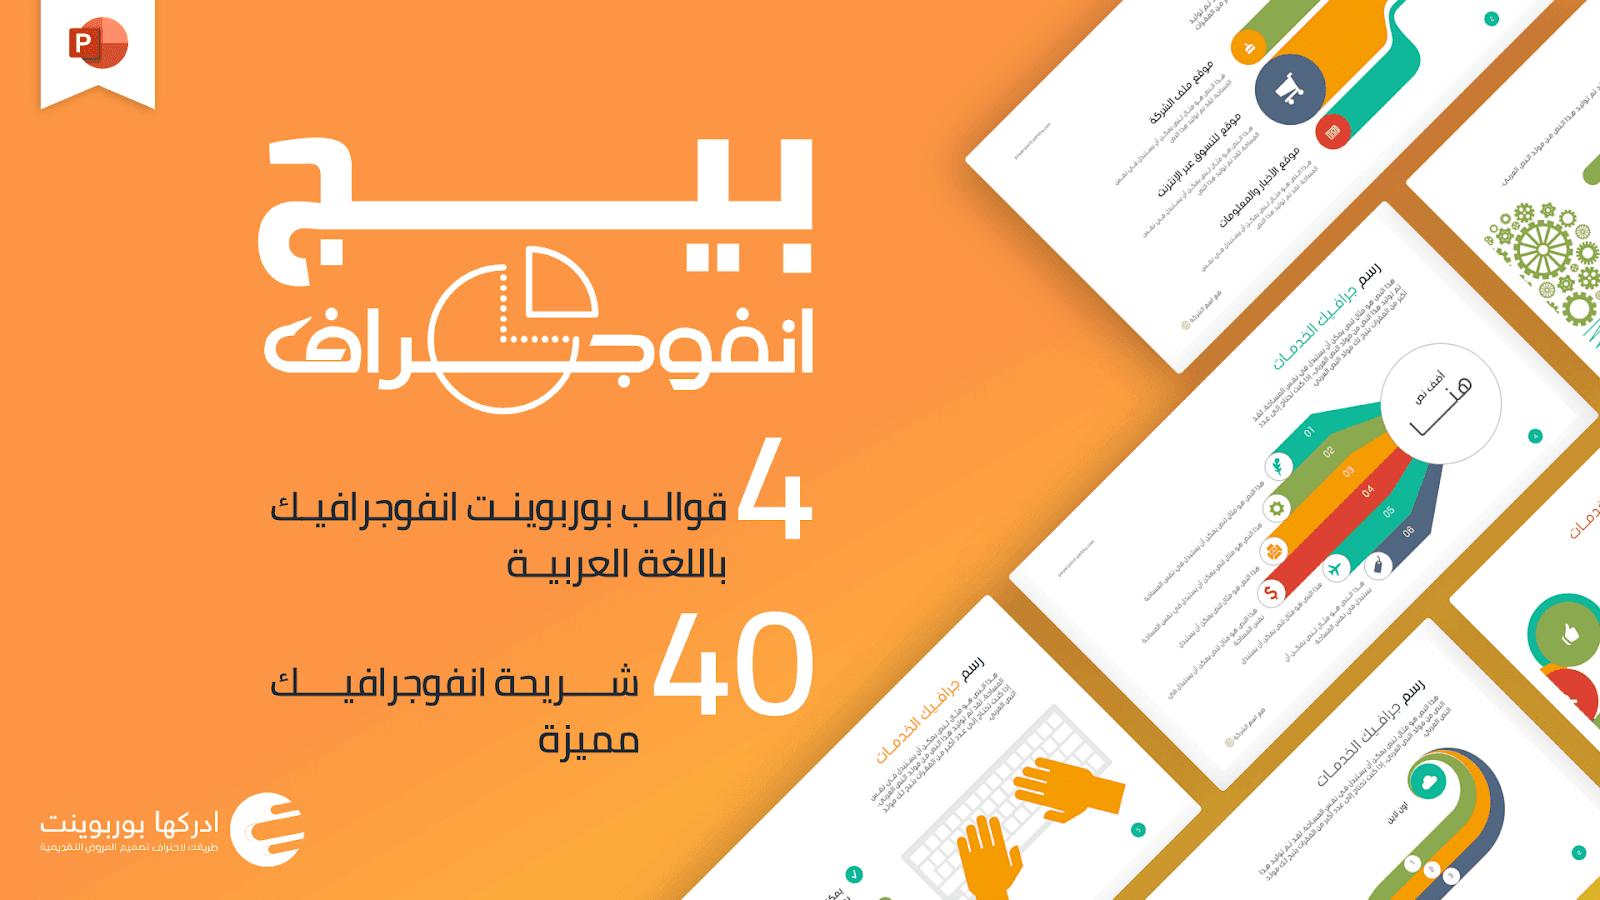 بيج انفوجراف 4 قوالب بوربوينت انفوجرافيك عربية مجانية Infographic Templates Powerpoint Presentation Business Powerpoint Templates